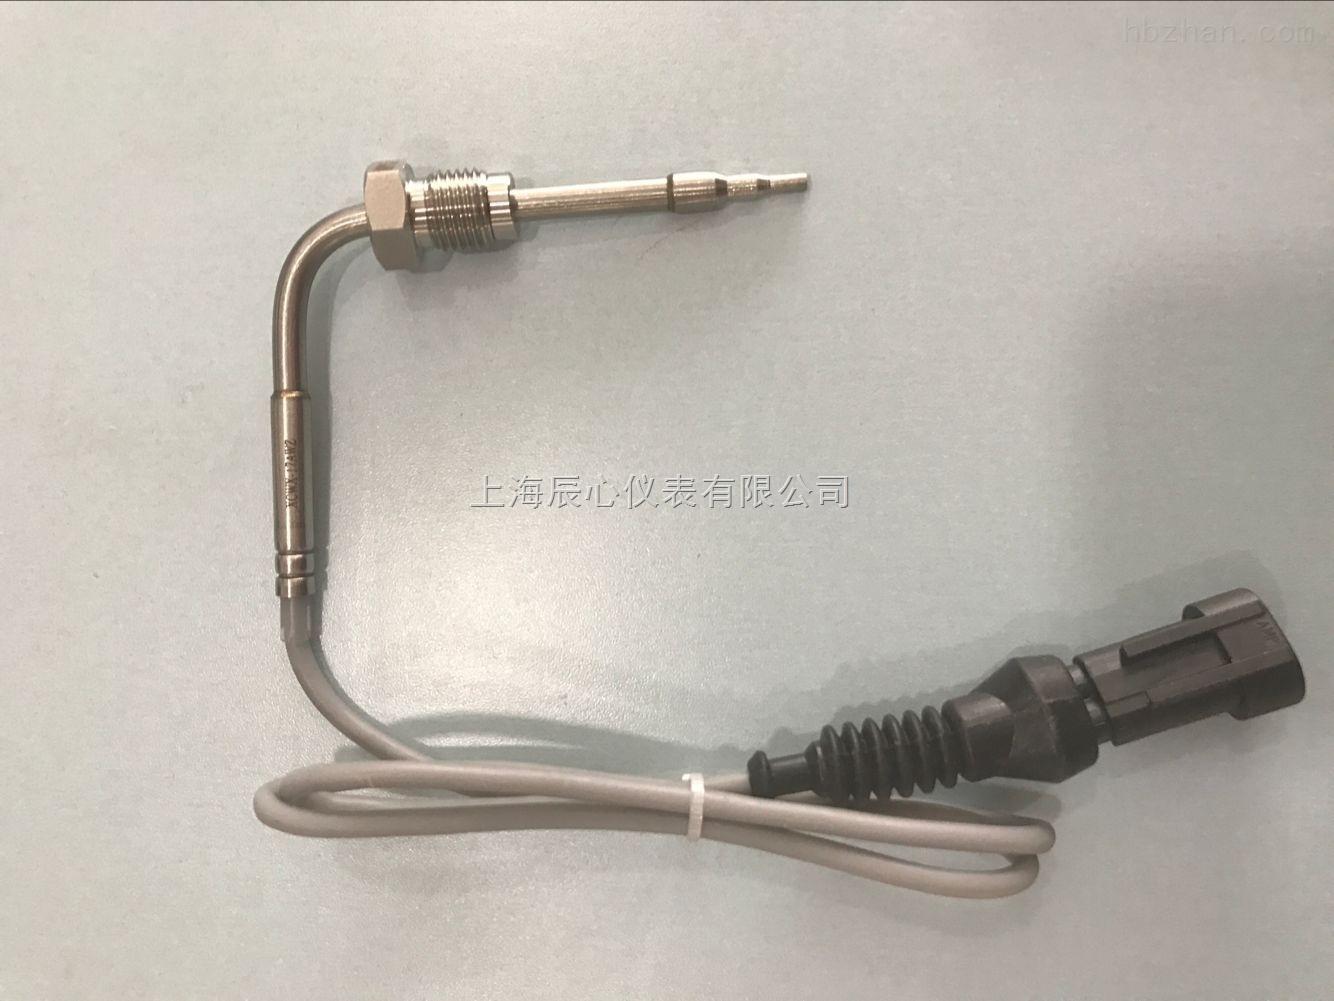 5bCR5aWz5rA5oOF6Imz54Wn_xcwx-17awz-汽车尾气温度传感器